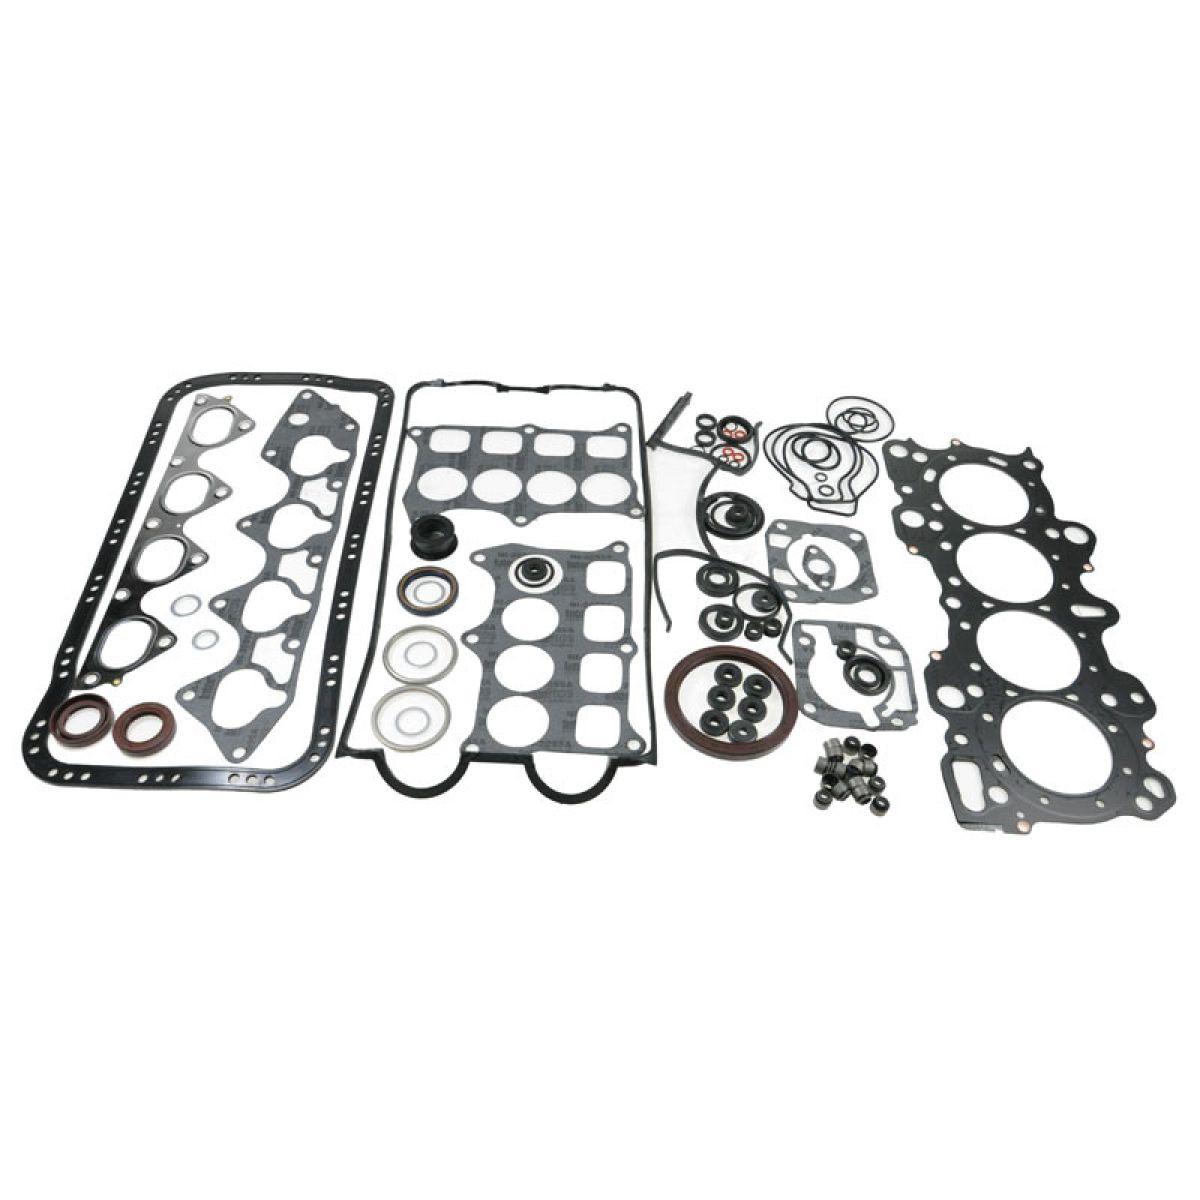 Complete Engine Gasket Set Kit For Honda Civic Del Sol